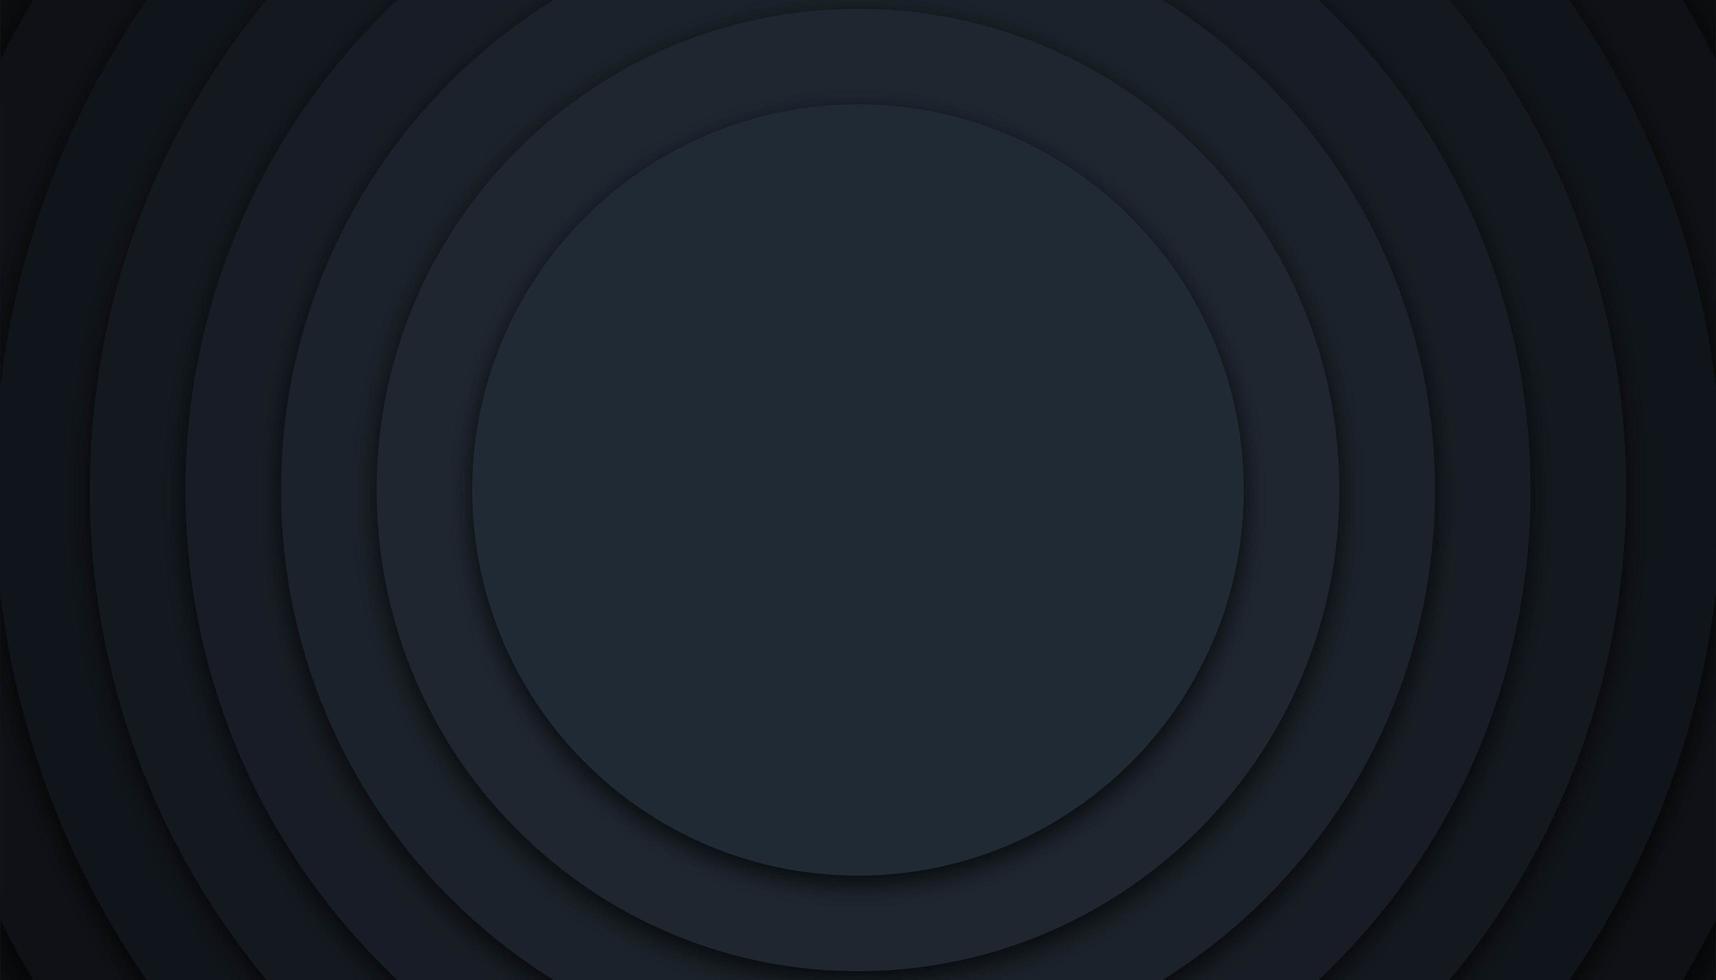 conception en couches géométrique circulaire noire vecteur